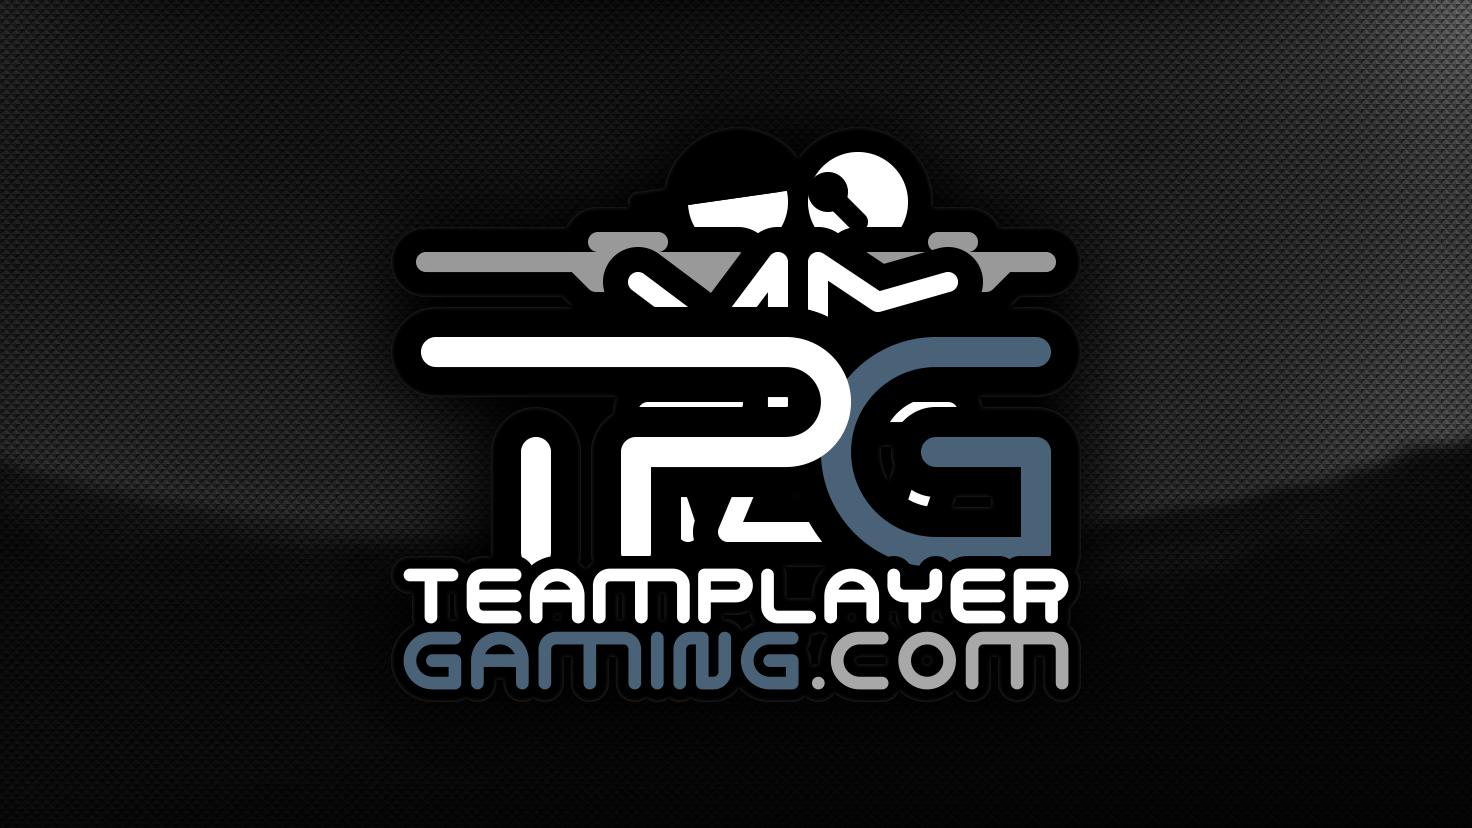 Play time-tpg_logo_16x9-png